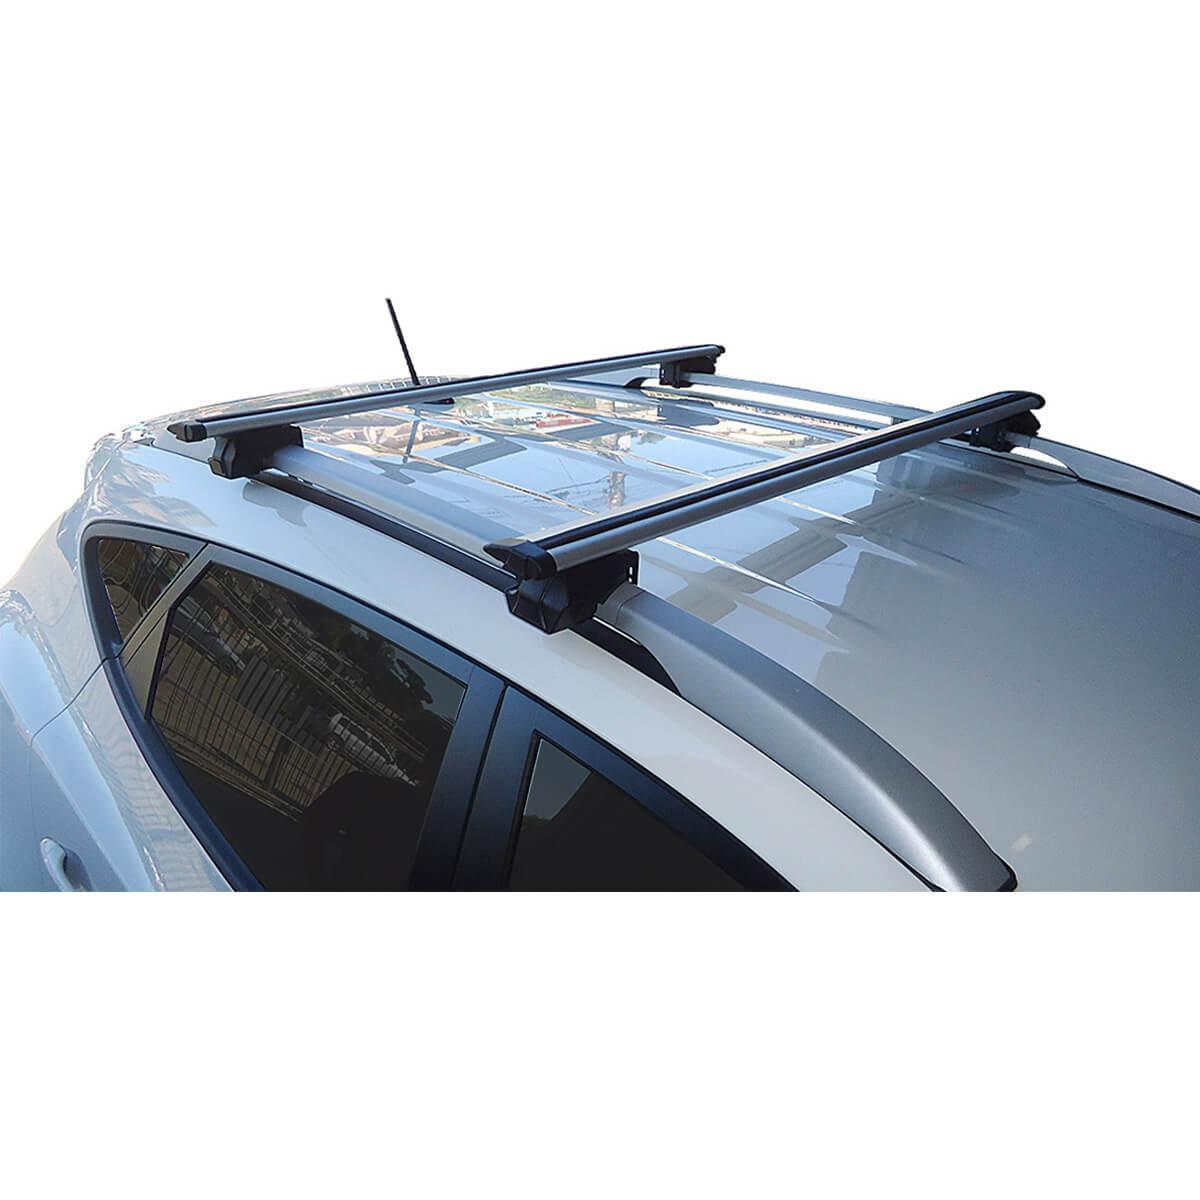 Travessa rack de teto Procargo Pajero TR4 2010 a 2015 com trava de segurança